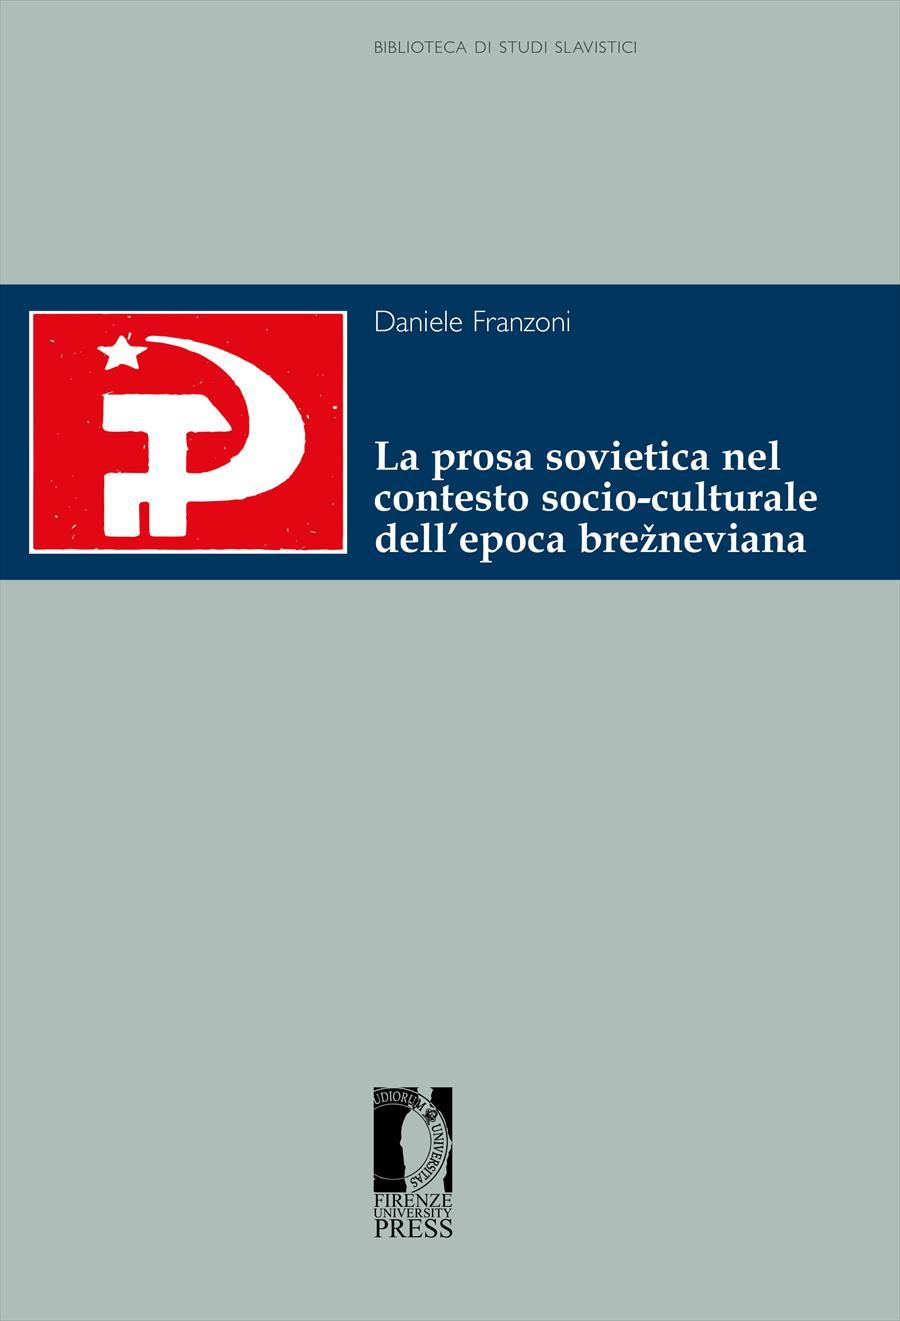 La prosa sovietica nel contesto socio-culturale dell'epoca brežneviana